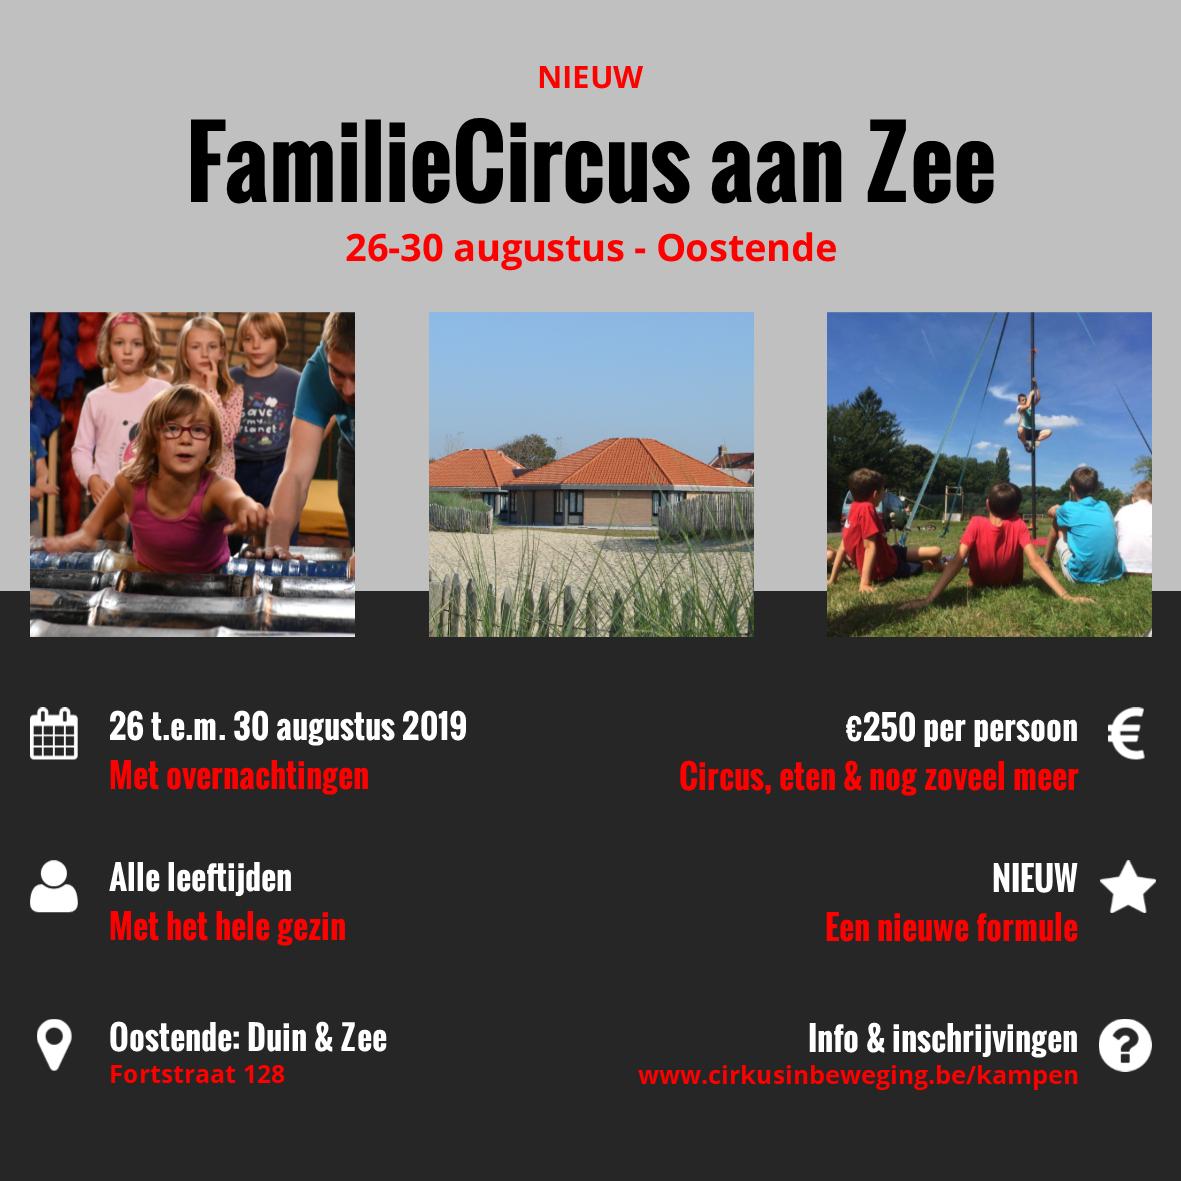 Zomerstage: FamilieCircus aan Zee @ Duin & Zee | Oostende | Vlaanderen | België